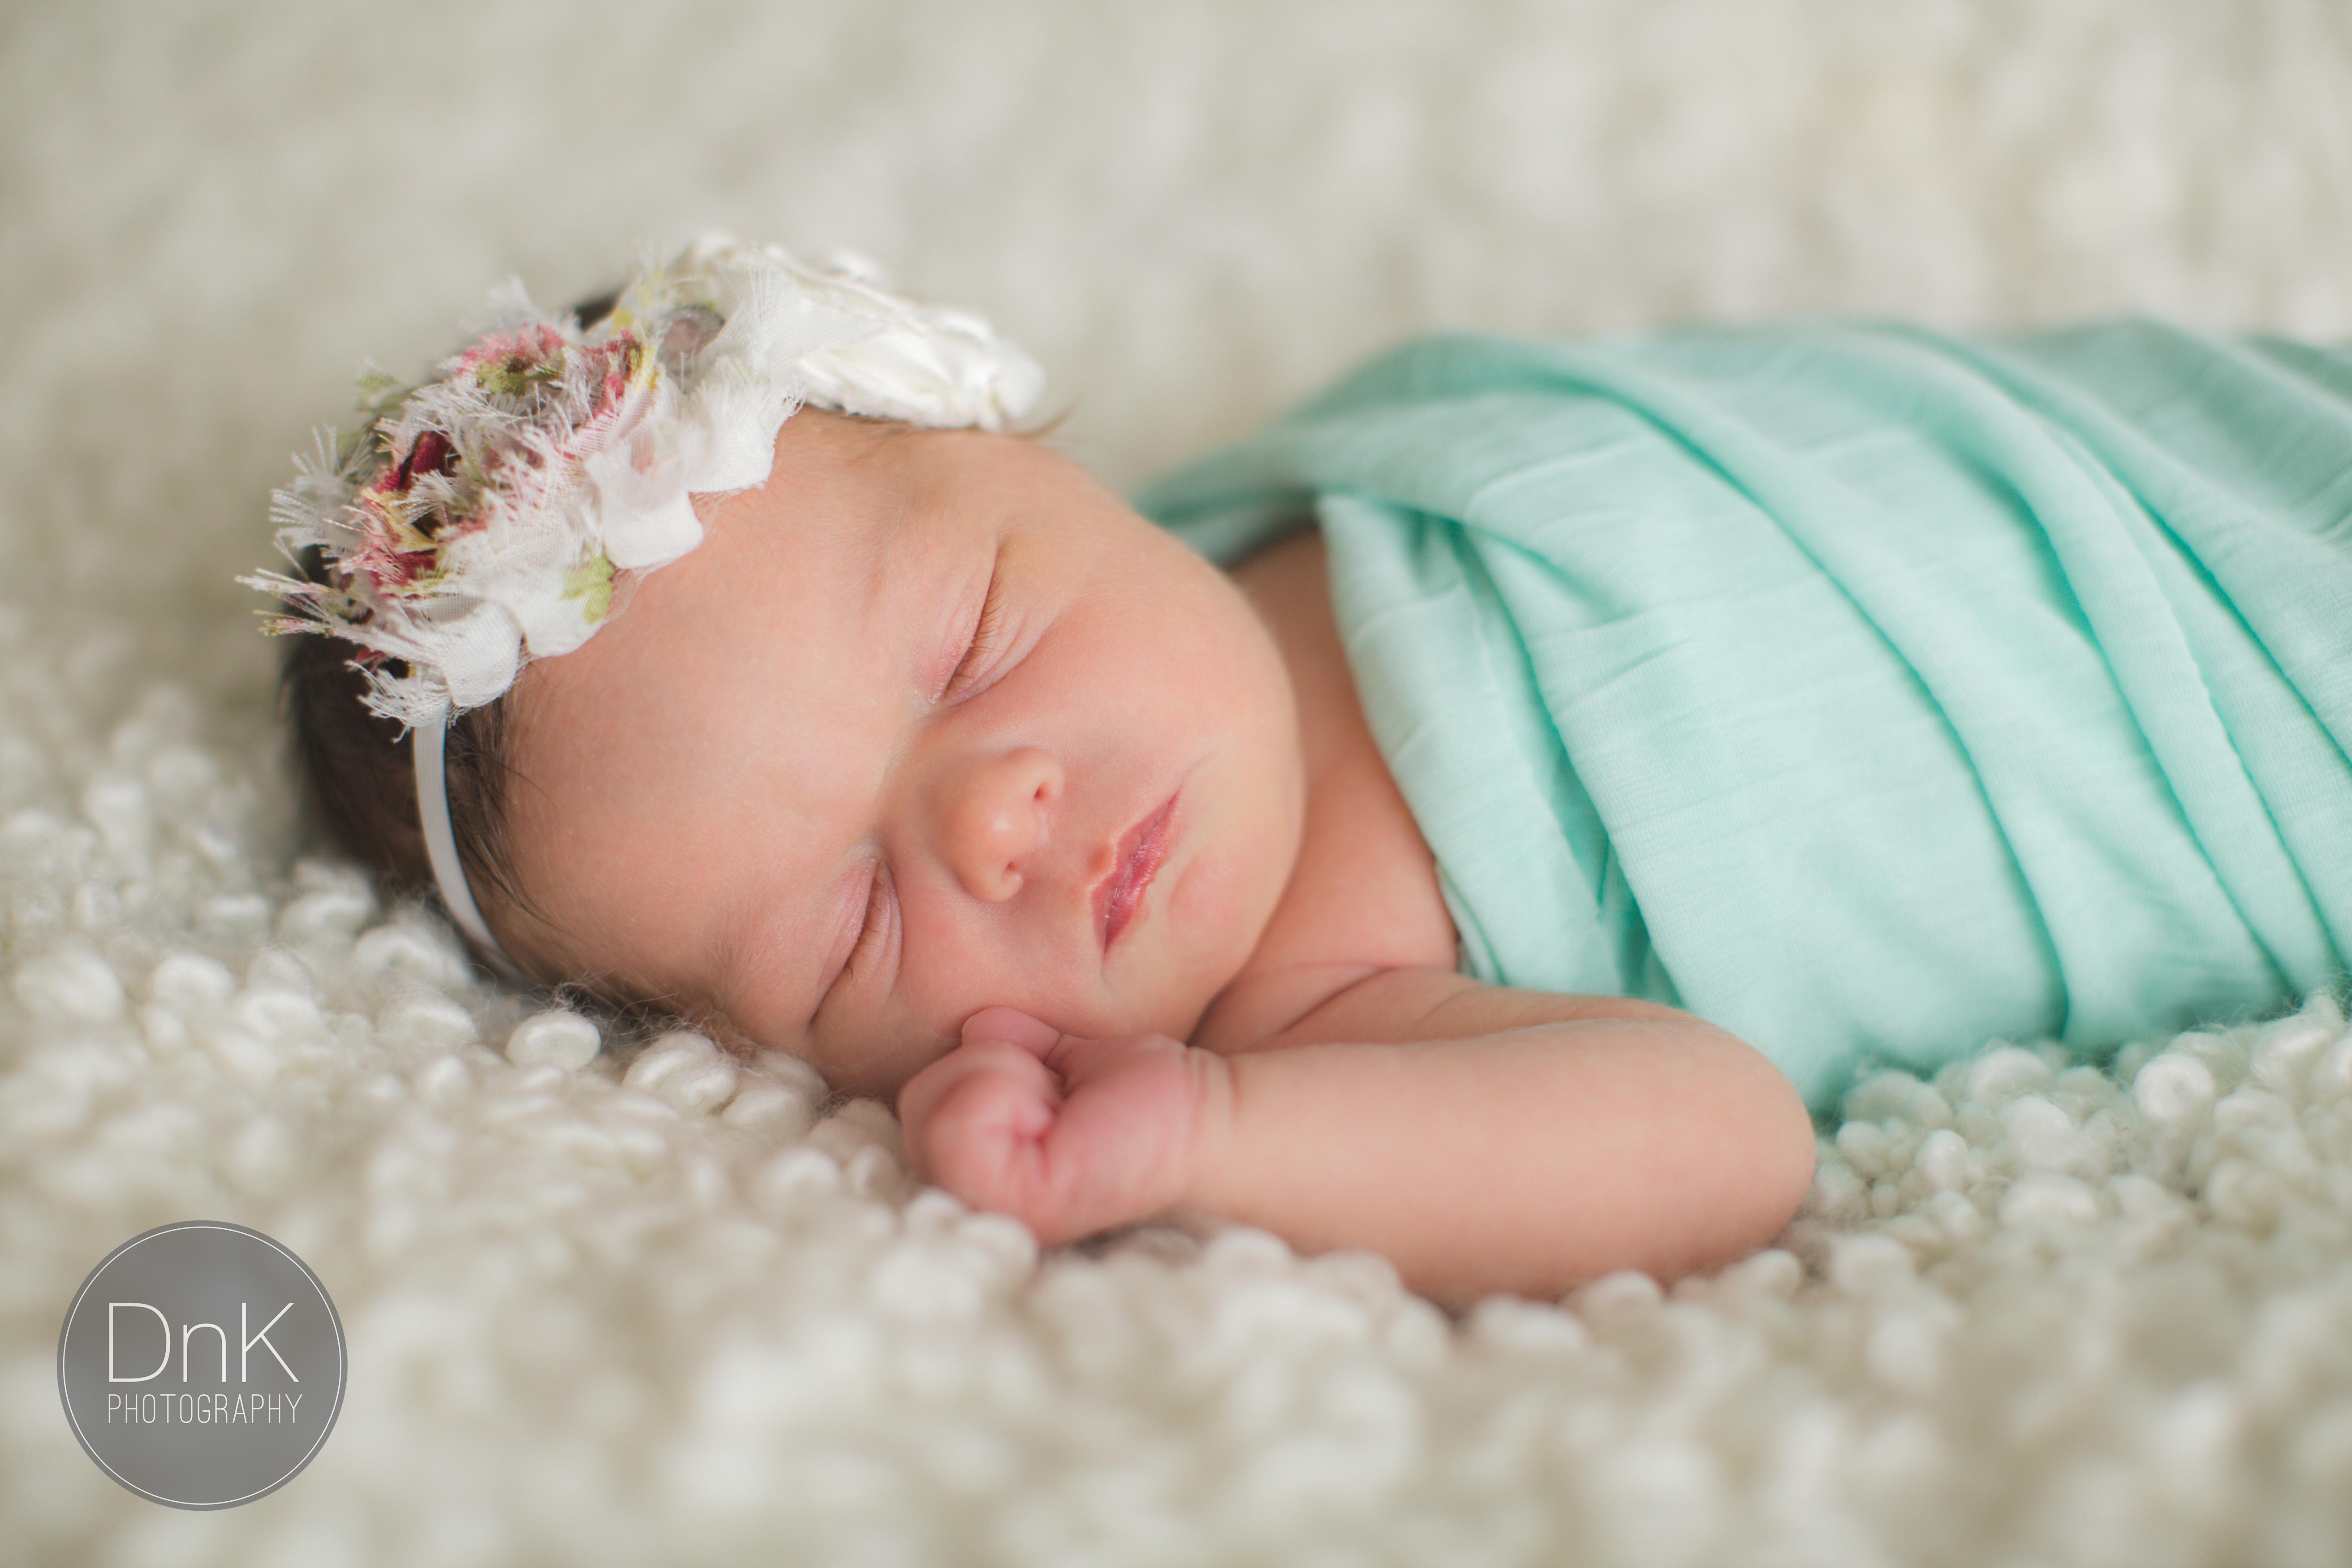 13_In Studio Newborn Pictures Minneapolis